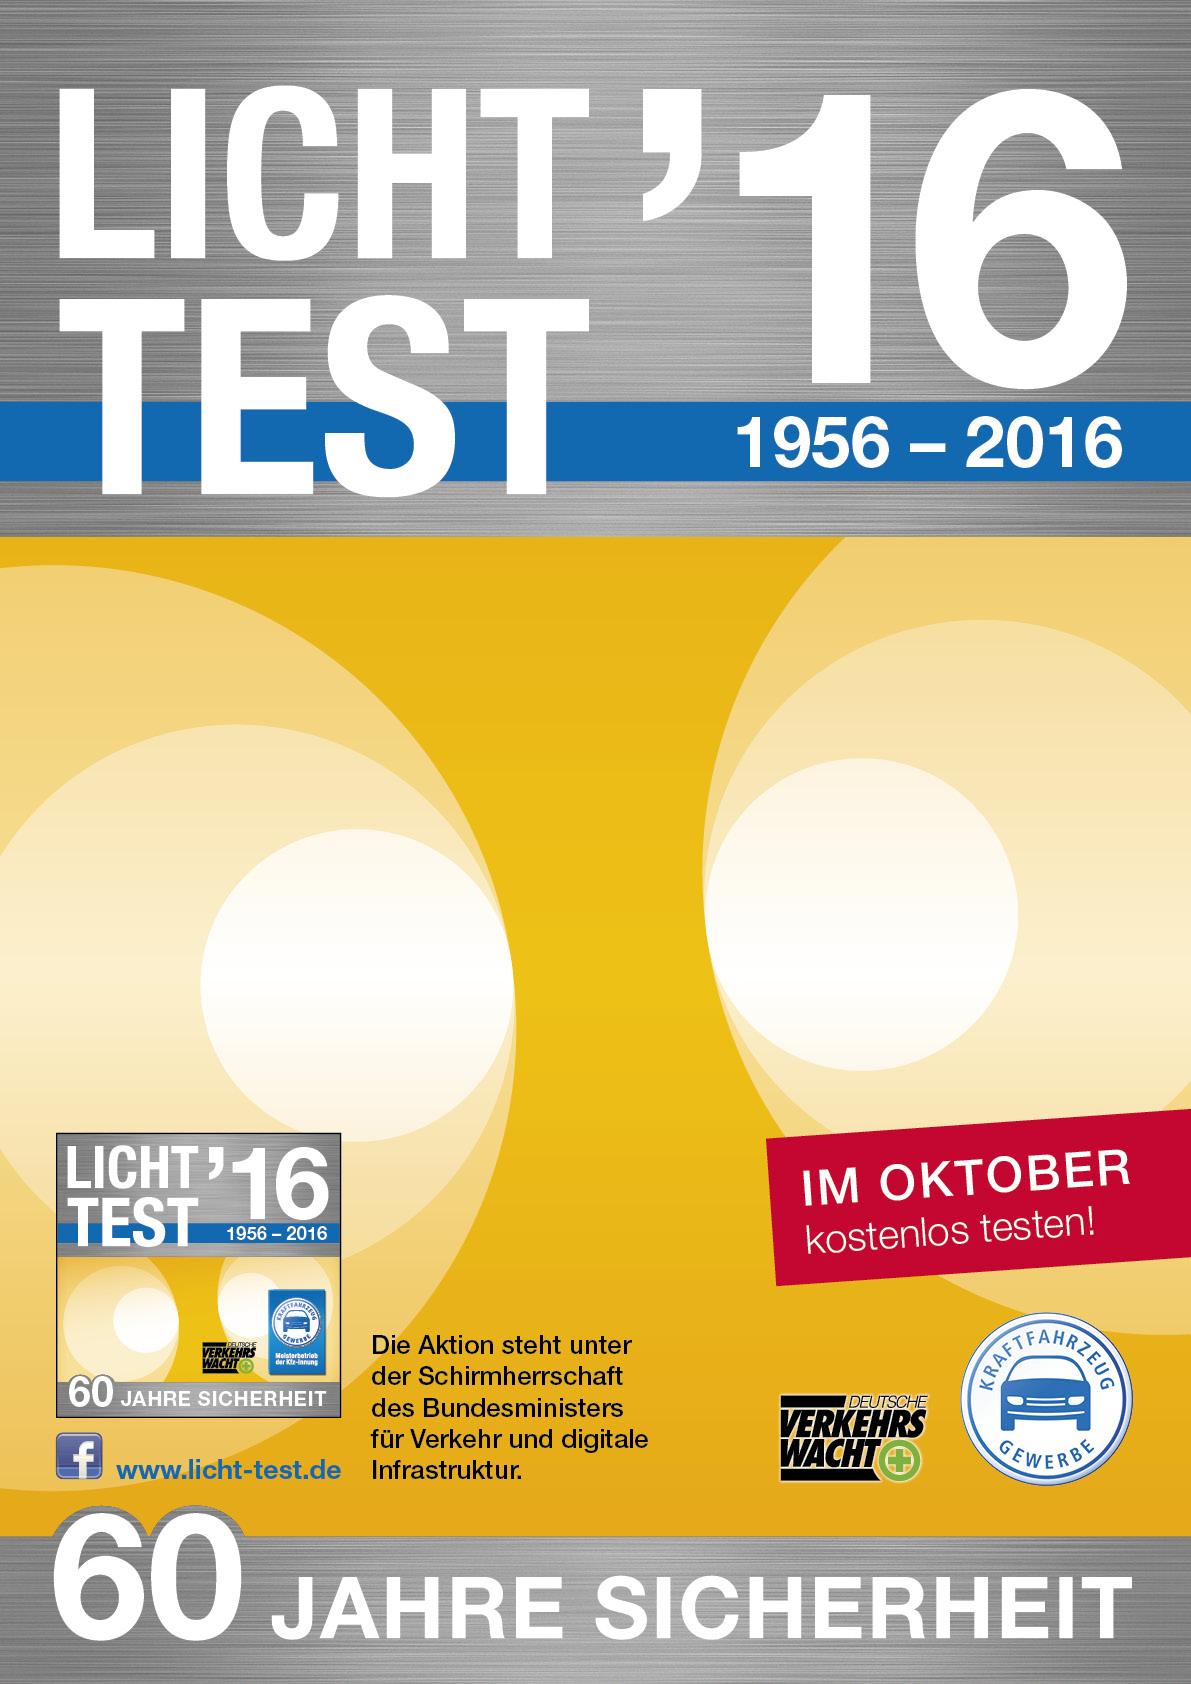 licht-test-plakat_20161